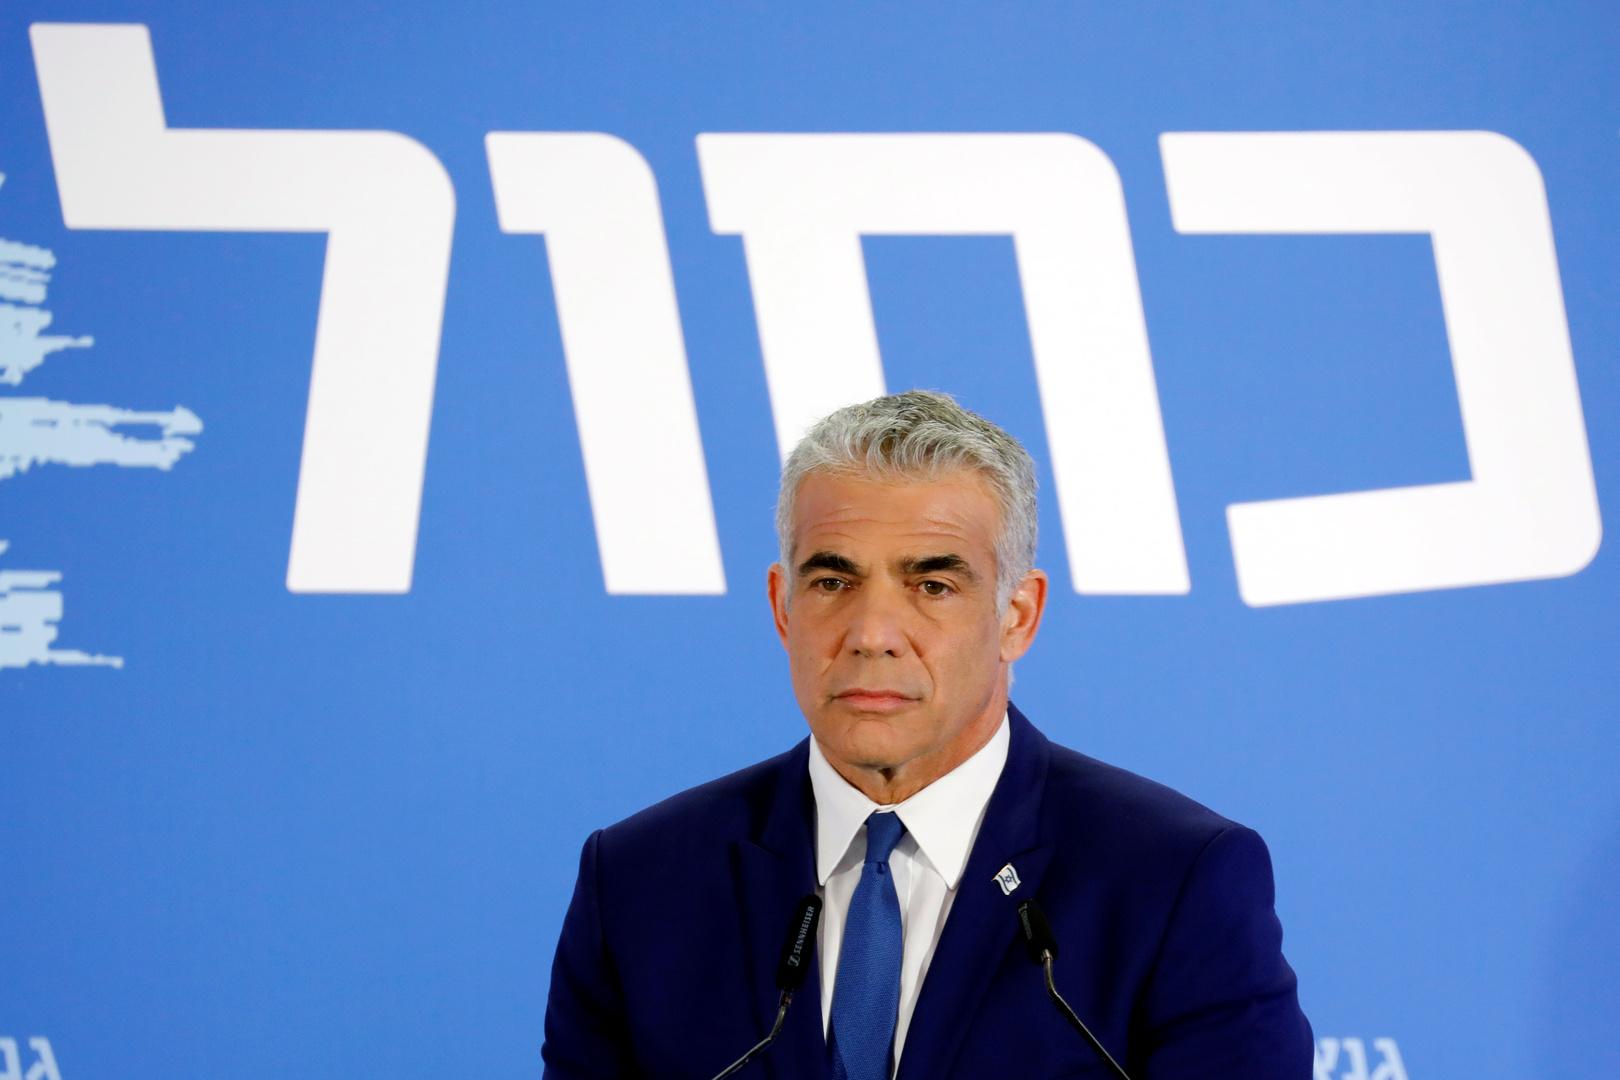 زعيم المعارضة الإسرائيلية لبيني غانتس: دعنا نكمل ما بدأناه ونطرد نتنياهو من شارع بلفور